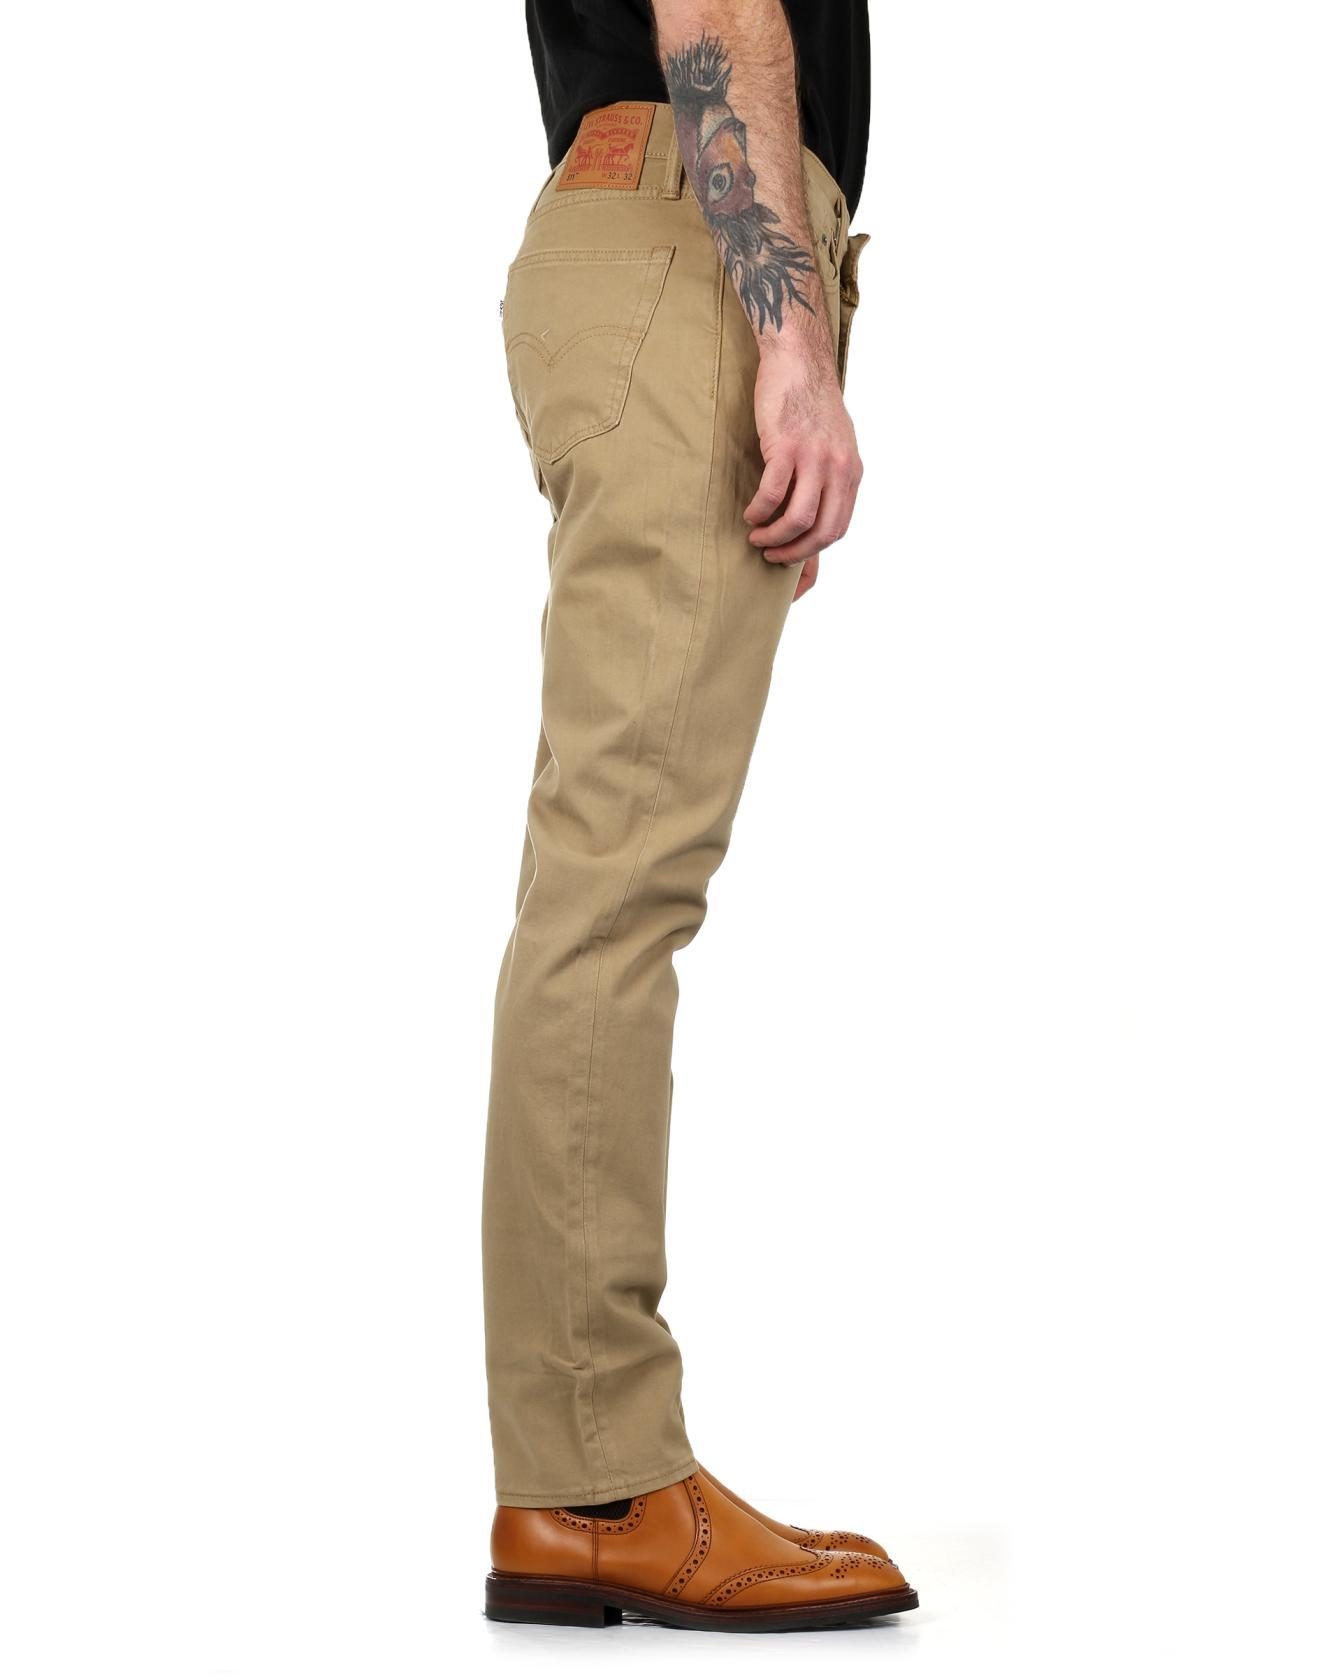 Diskon Harga Celana Jeans Cowok Warna Cream Terbaru Termurah Bulan Tcash Juli Strech Panjang Pria Model Slimfit Hitam Premium Denim Khaki Krem Beige